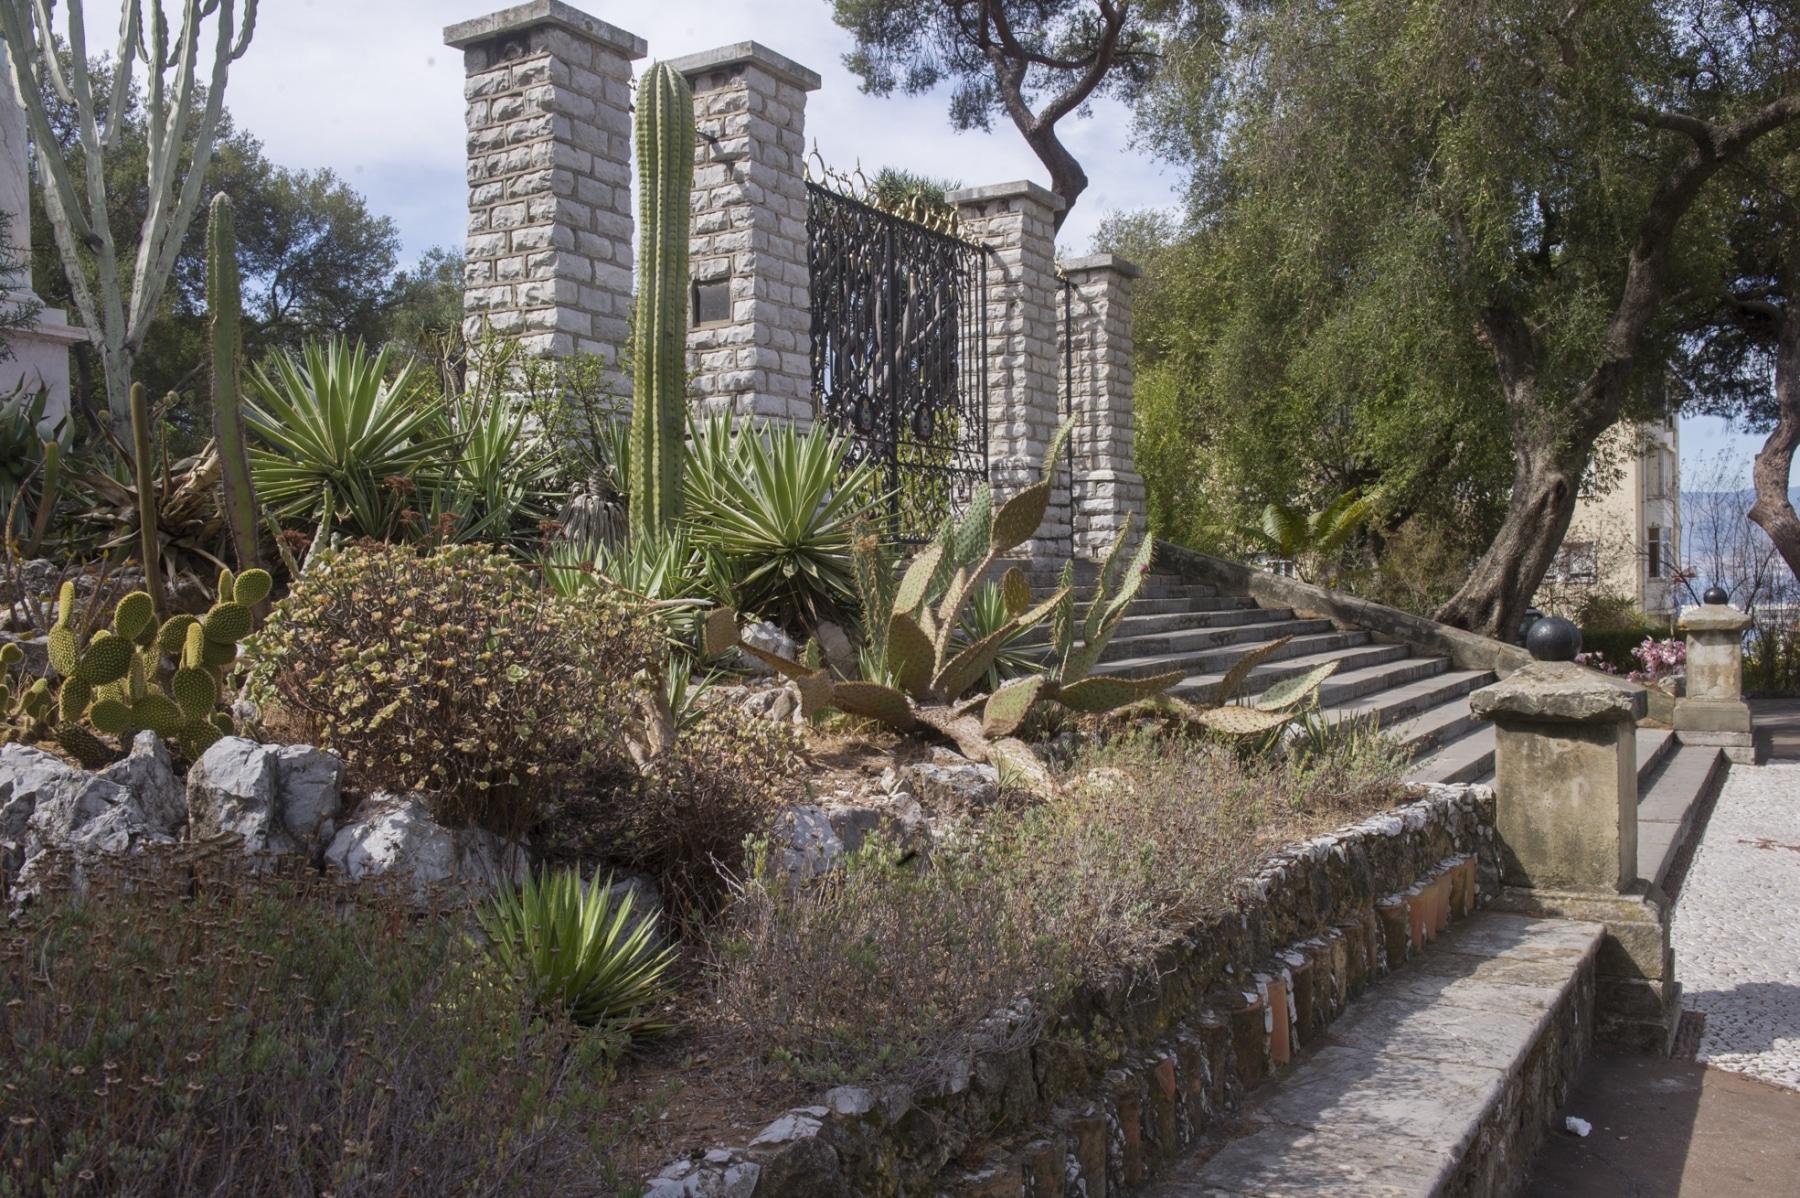 alameda-gardens-7_39633174641_o